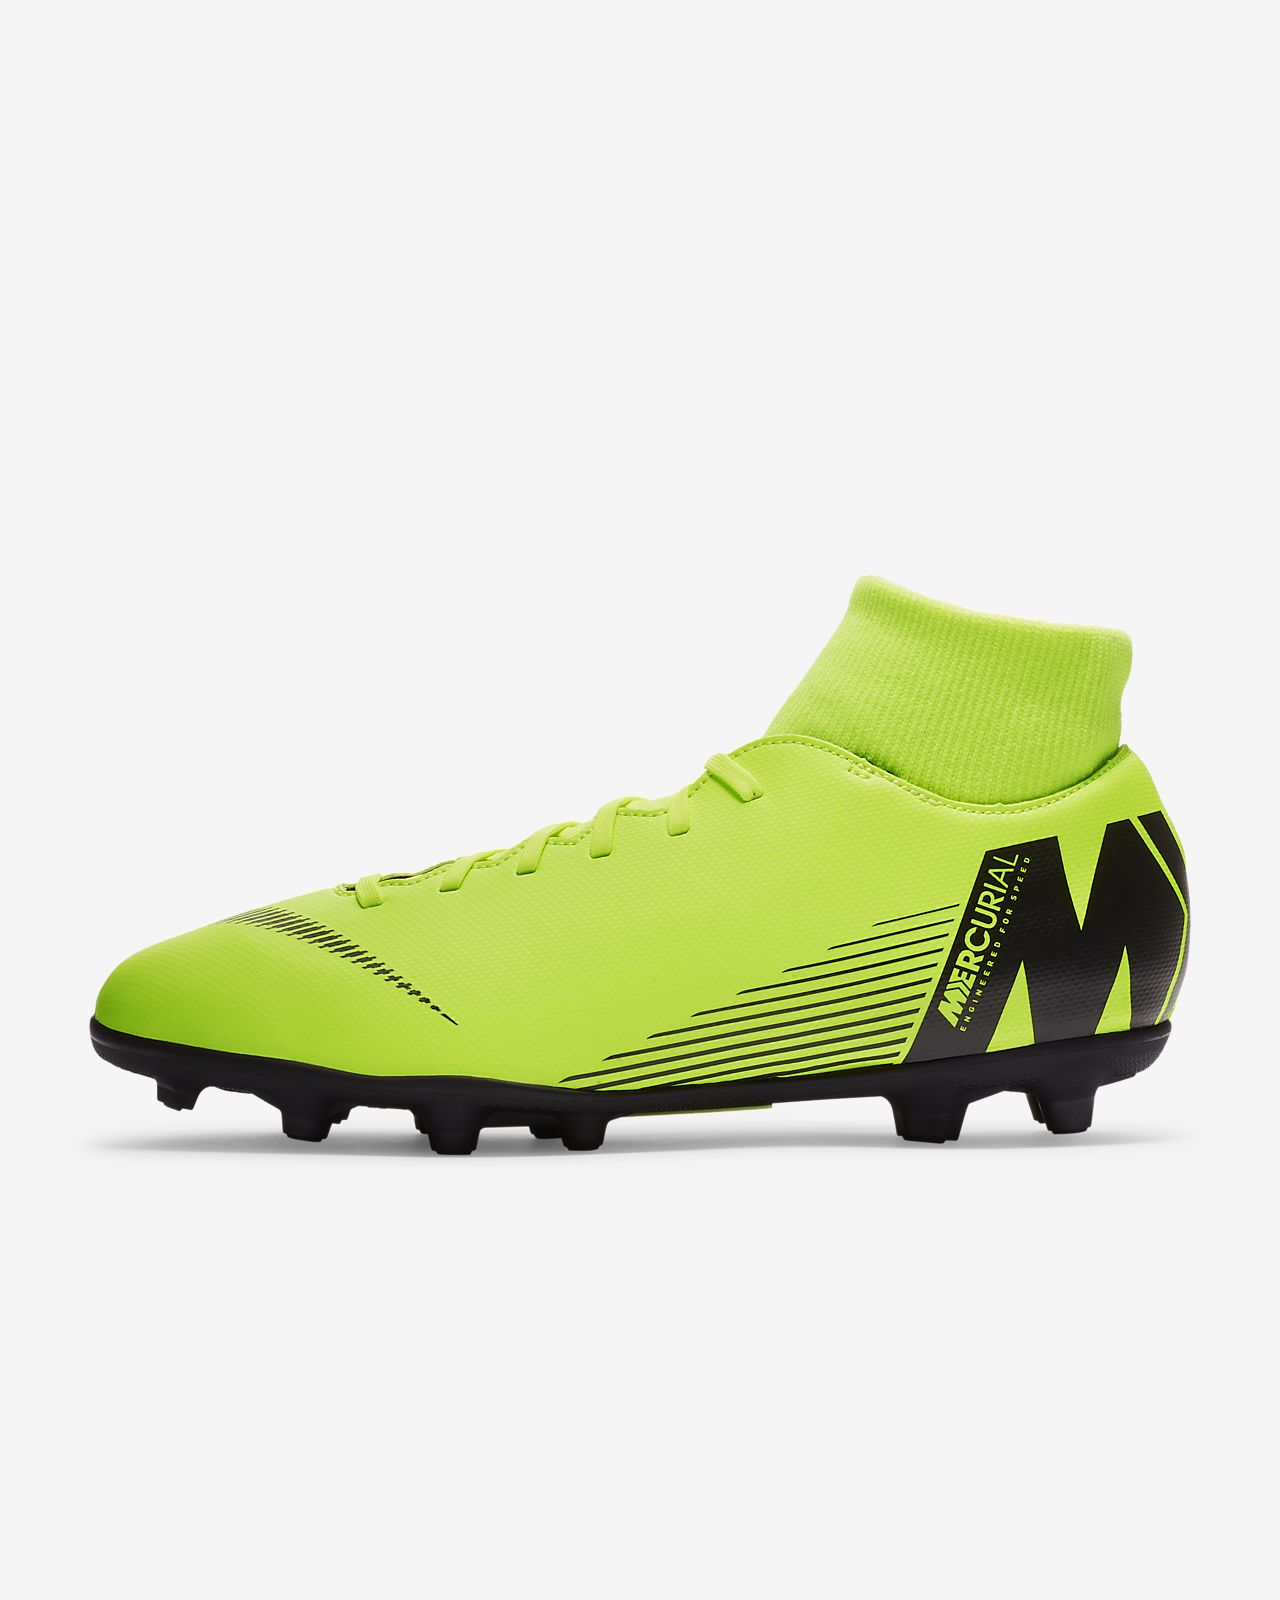 794e12ae1390b ... Calzado de fútbol para múltiples superficies Nike Mercurial Superfly VI  Club